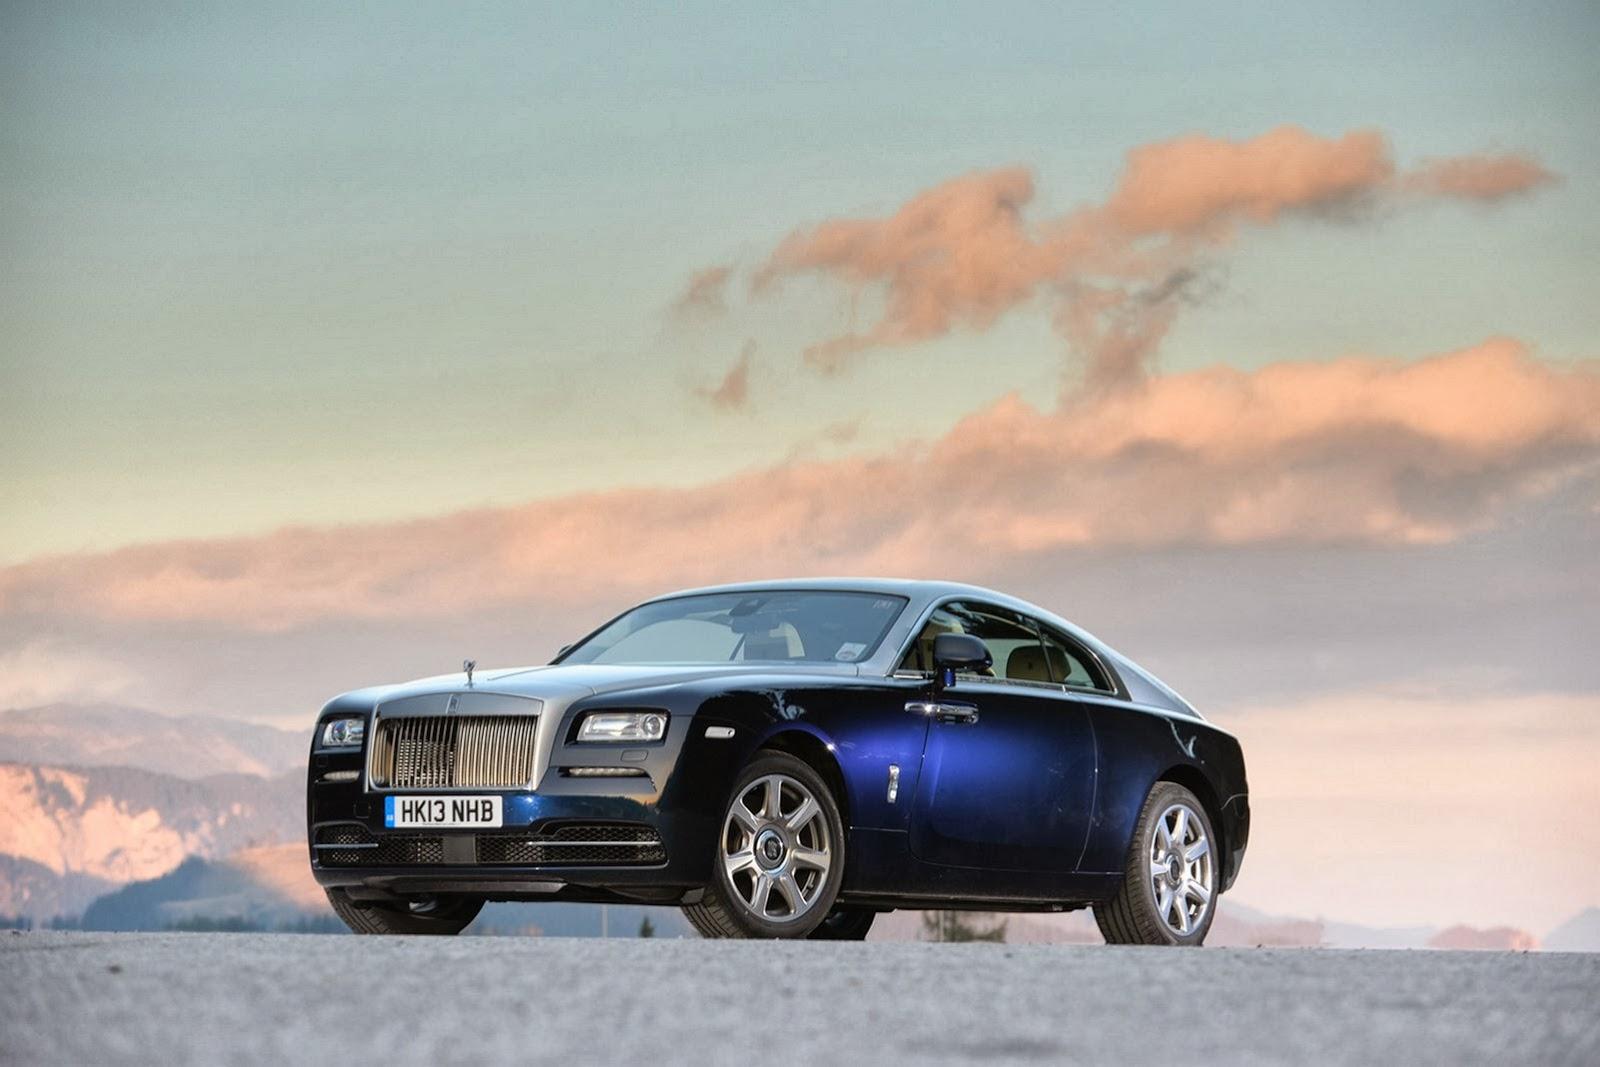 Rolls-Royce tung hình ảnh của Wraith coupe làm nao lòng người hâm mộ